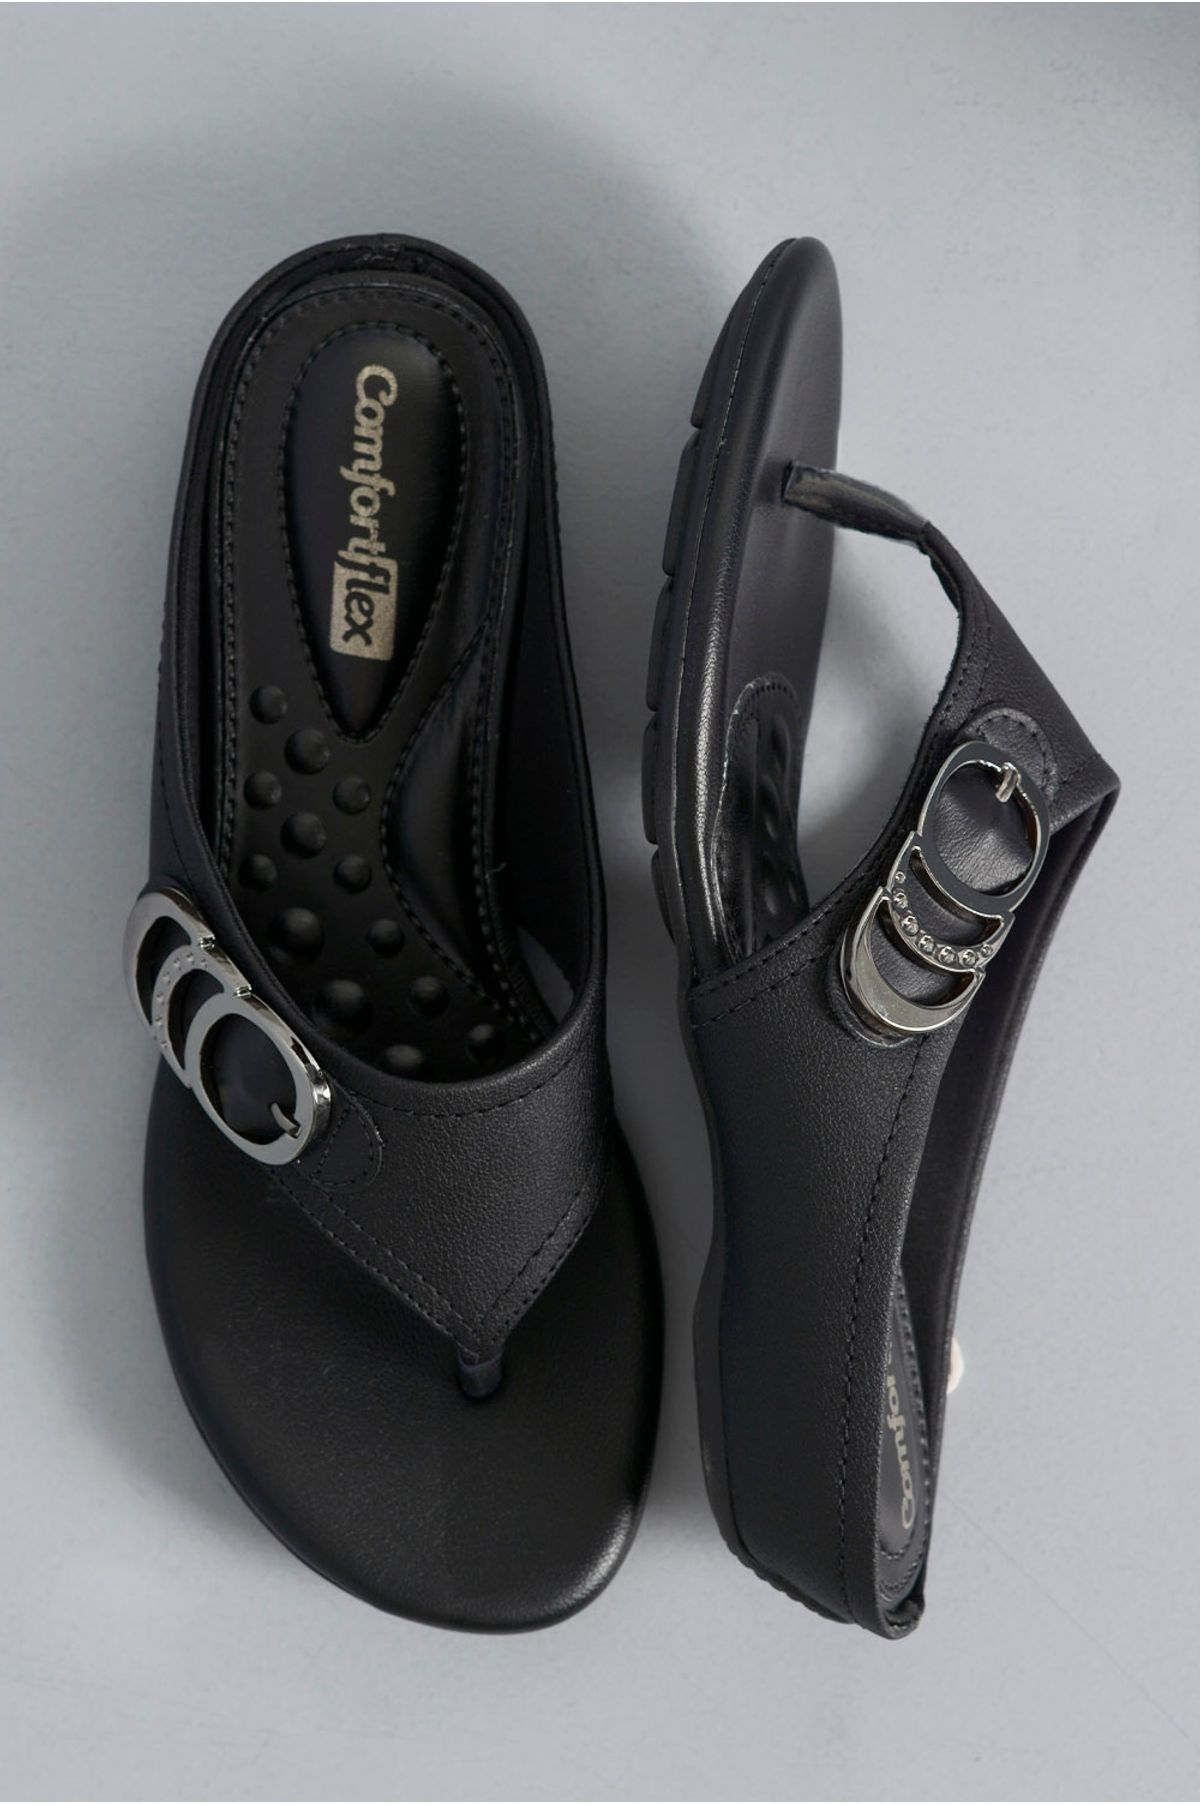 2a4ca3681 Chinelo Feminino Nelda Comfort Flex SINT - PRETO - Mundial Calçados